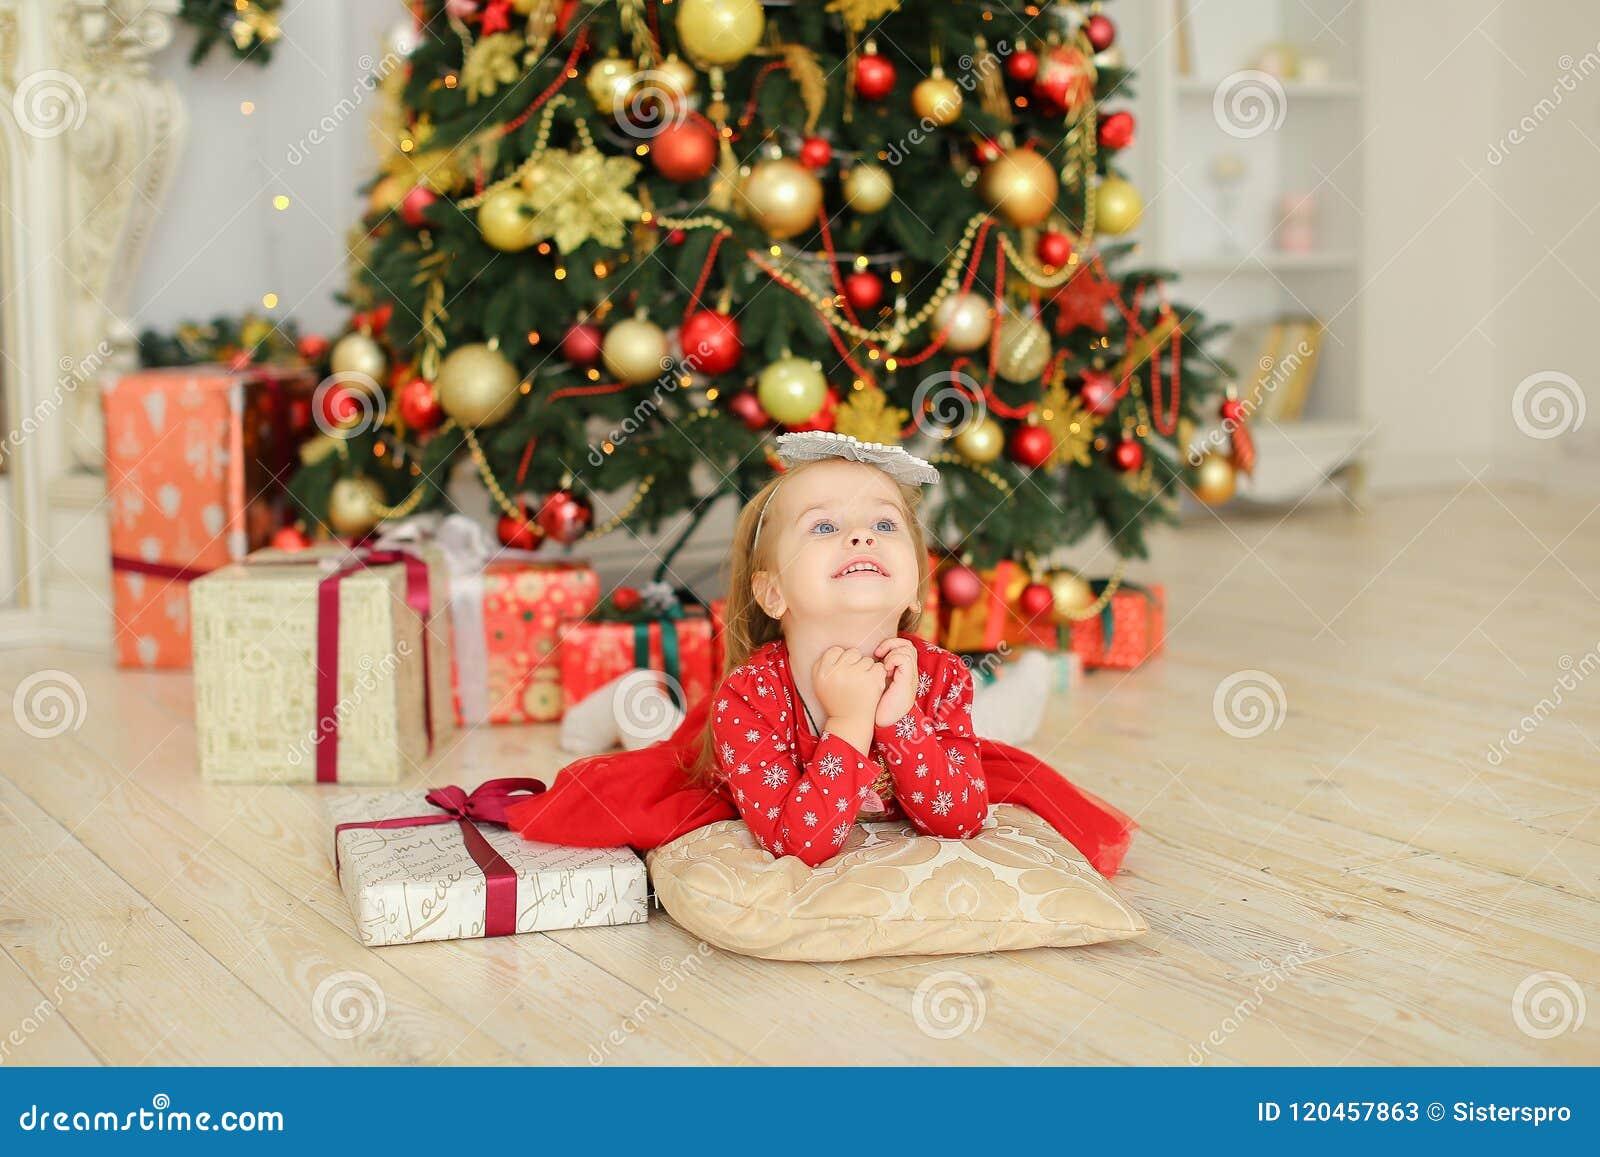 穿红色礼服的小女孩说谎在圣诞树和礼物附近